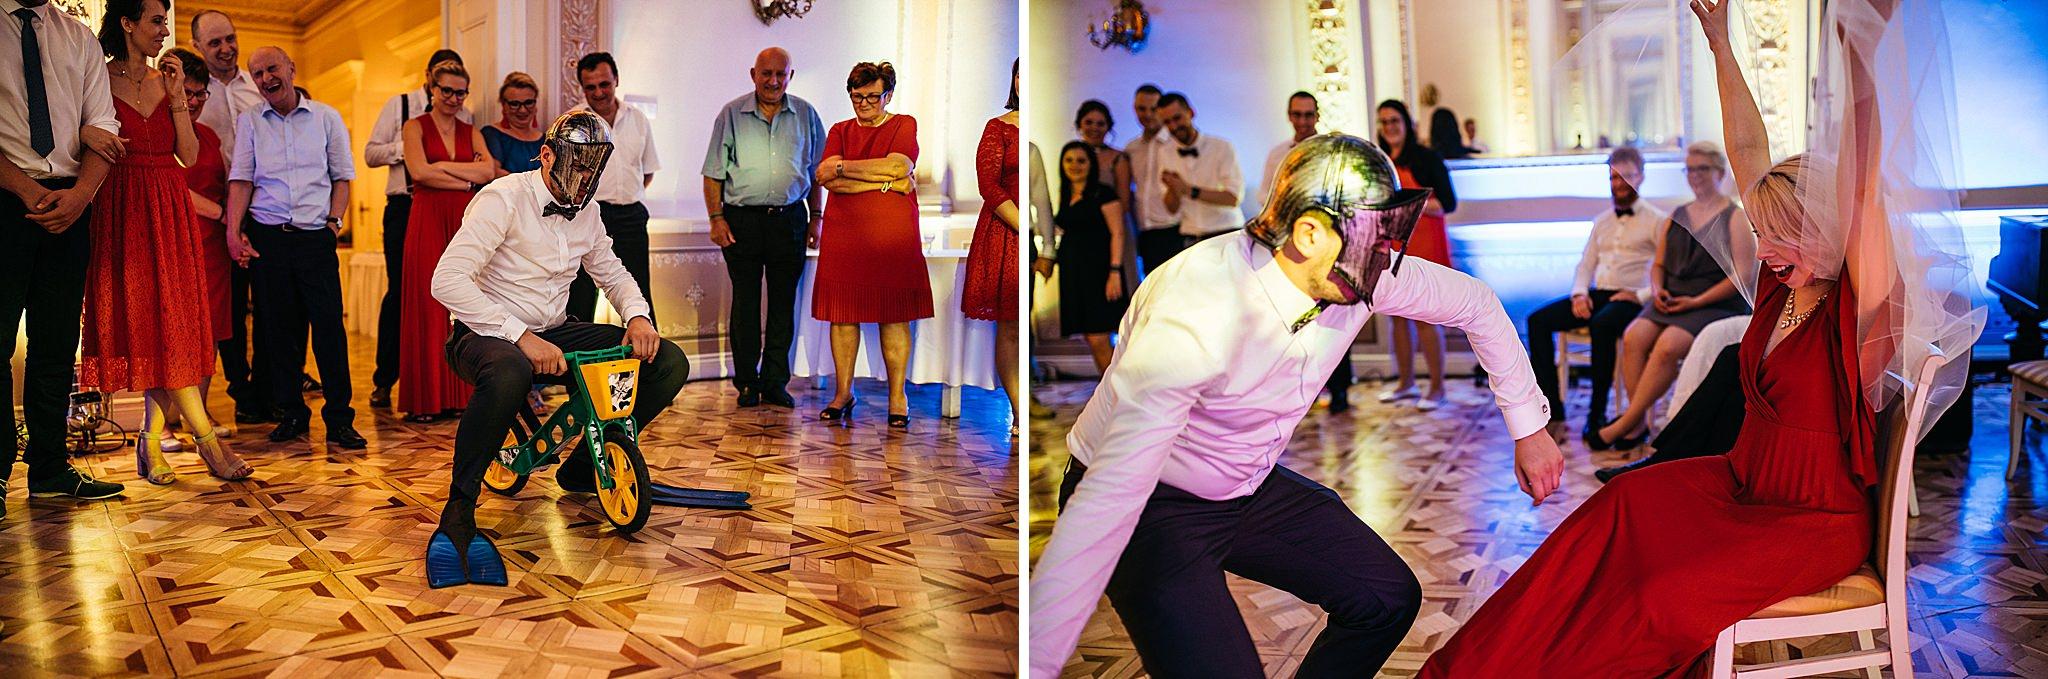 Zabawy weselne Biedrusko Palac